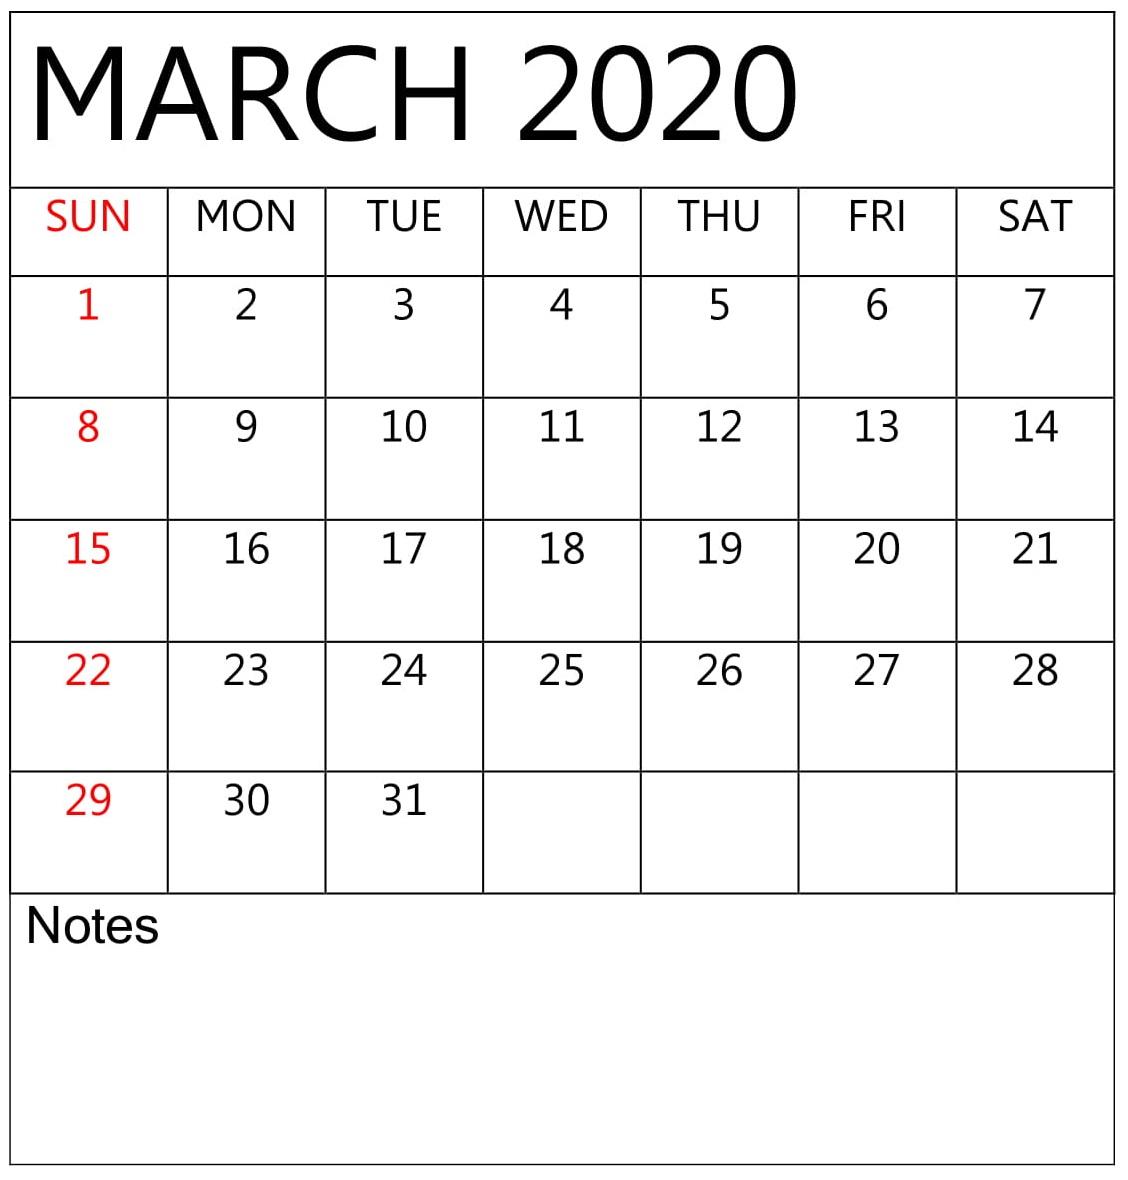 Blank Calendar March 2020 Template